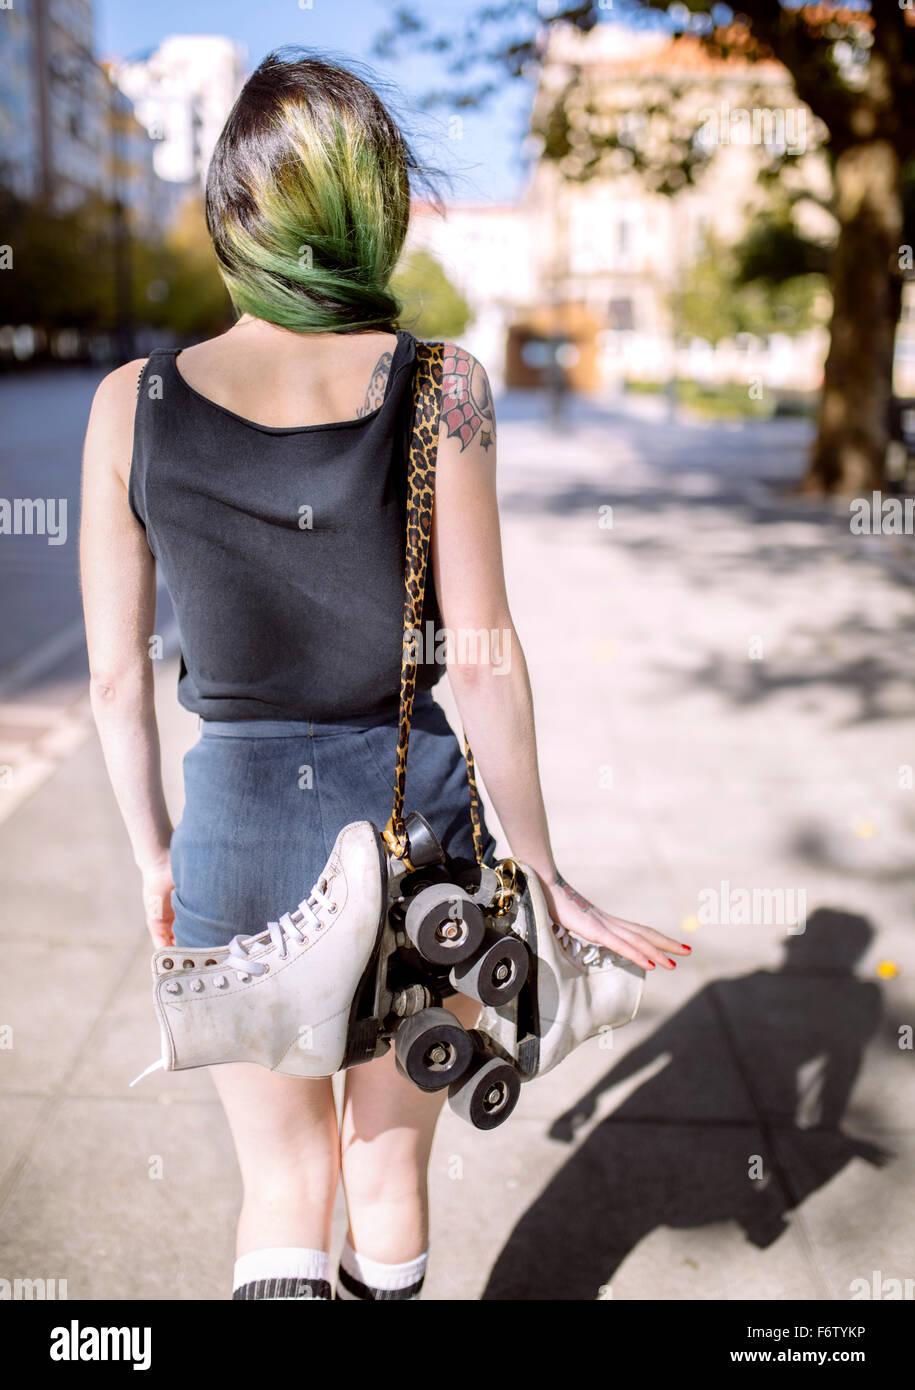 L'Espagne, Gijon, vue arrière de jeune femme aux cheveux teints vert portant des patins sur épaule Photo Stock